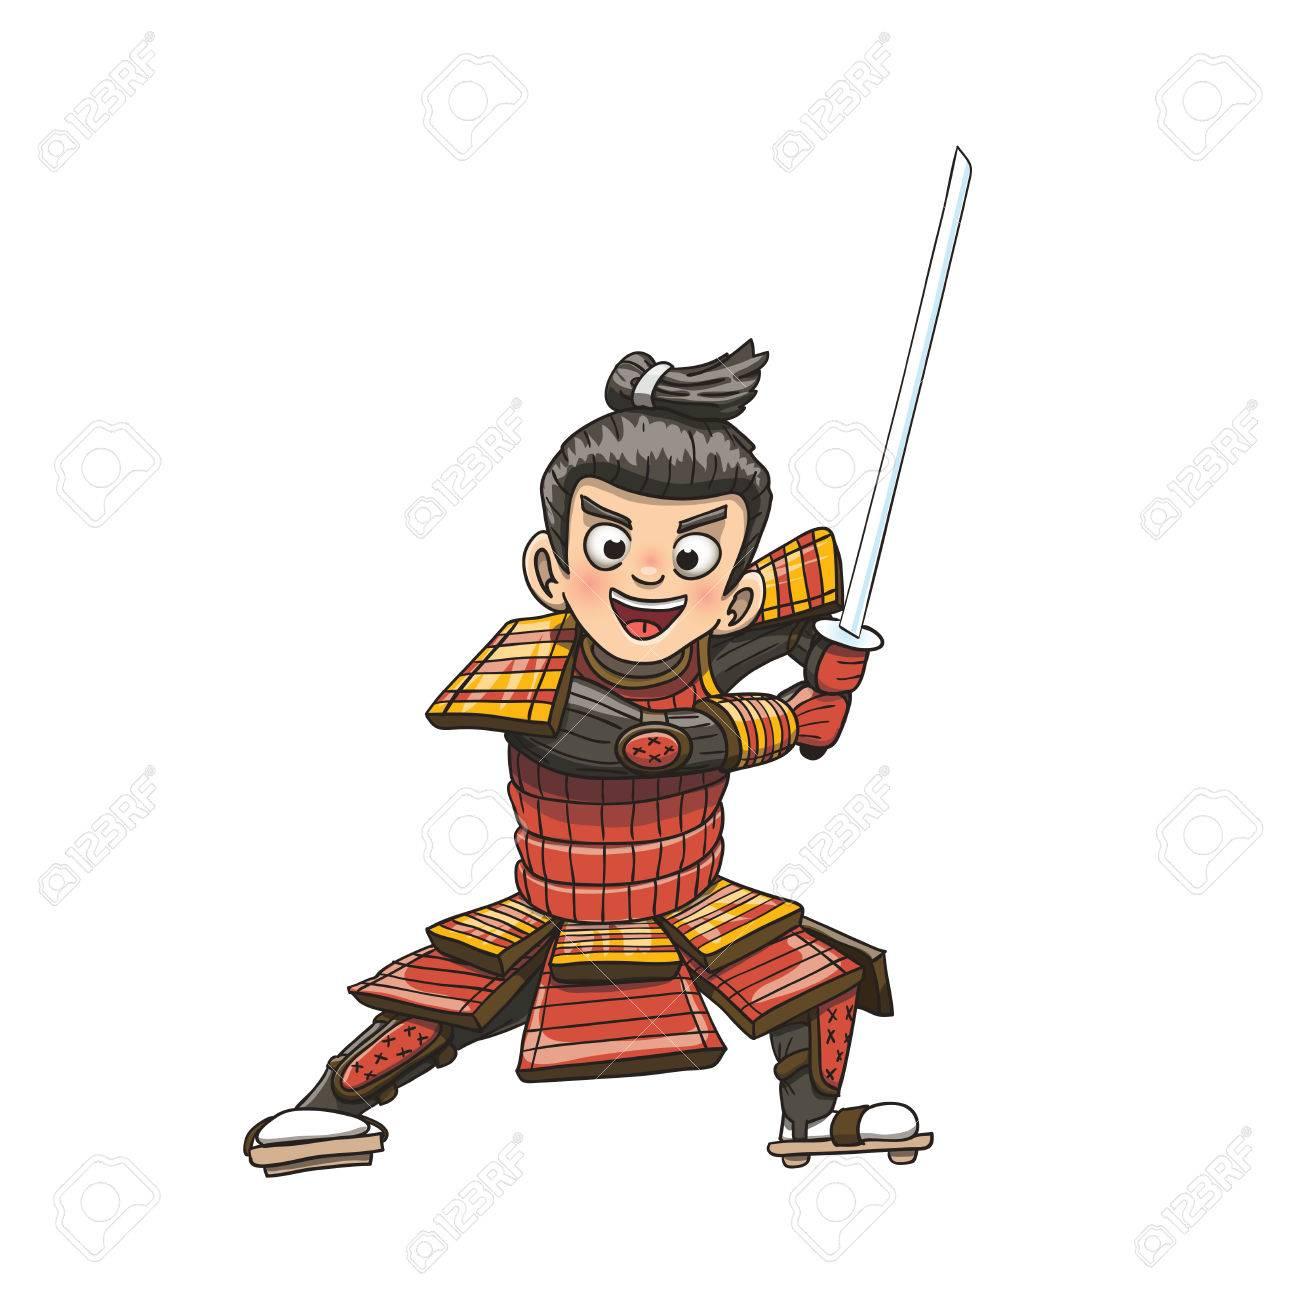 Ilustracion De Dibujos Animados De Guerrero Samurai Japones Ilustraciones Vectoriales Clip Art Vectorizado Libre De Derechos Image 76252630